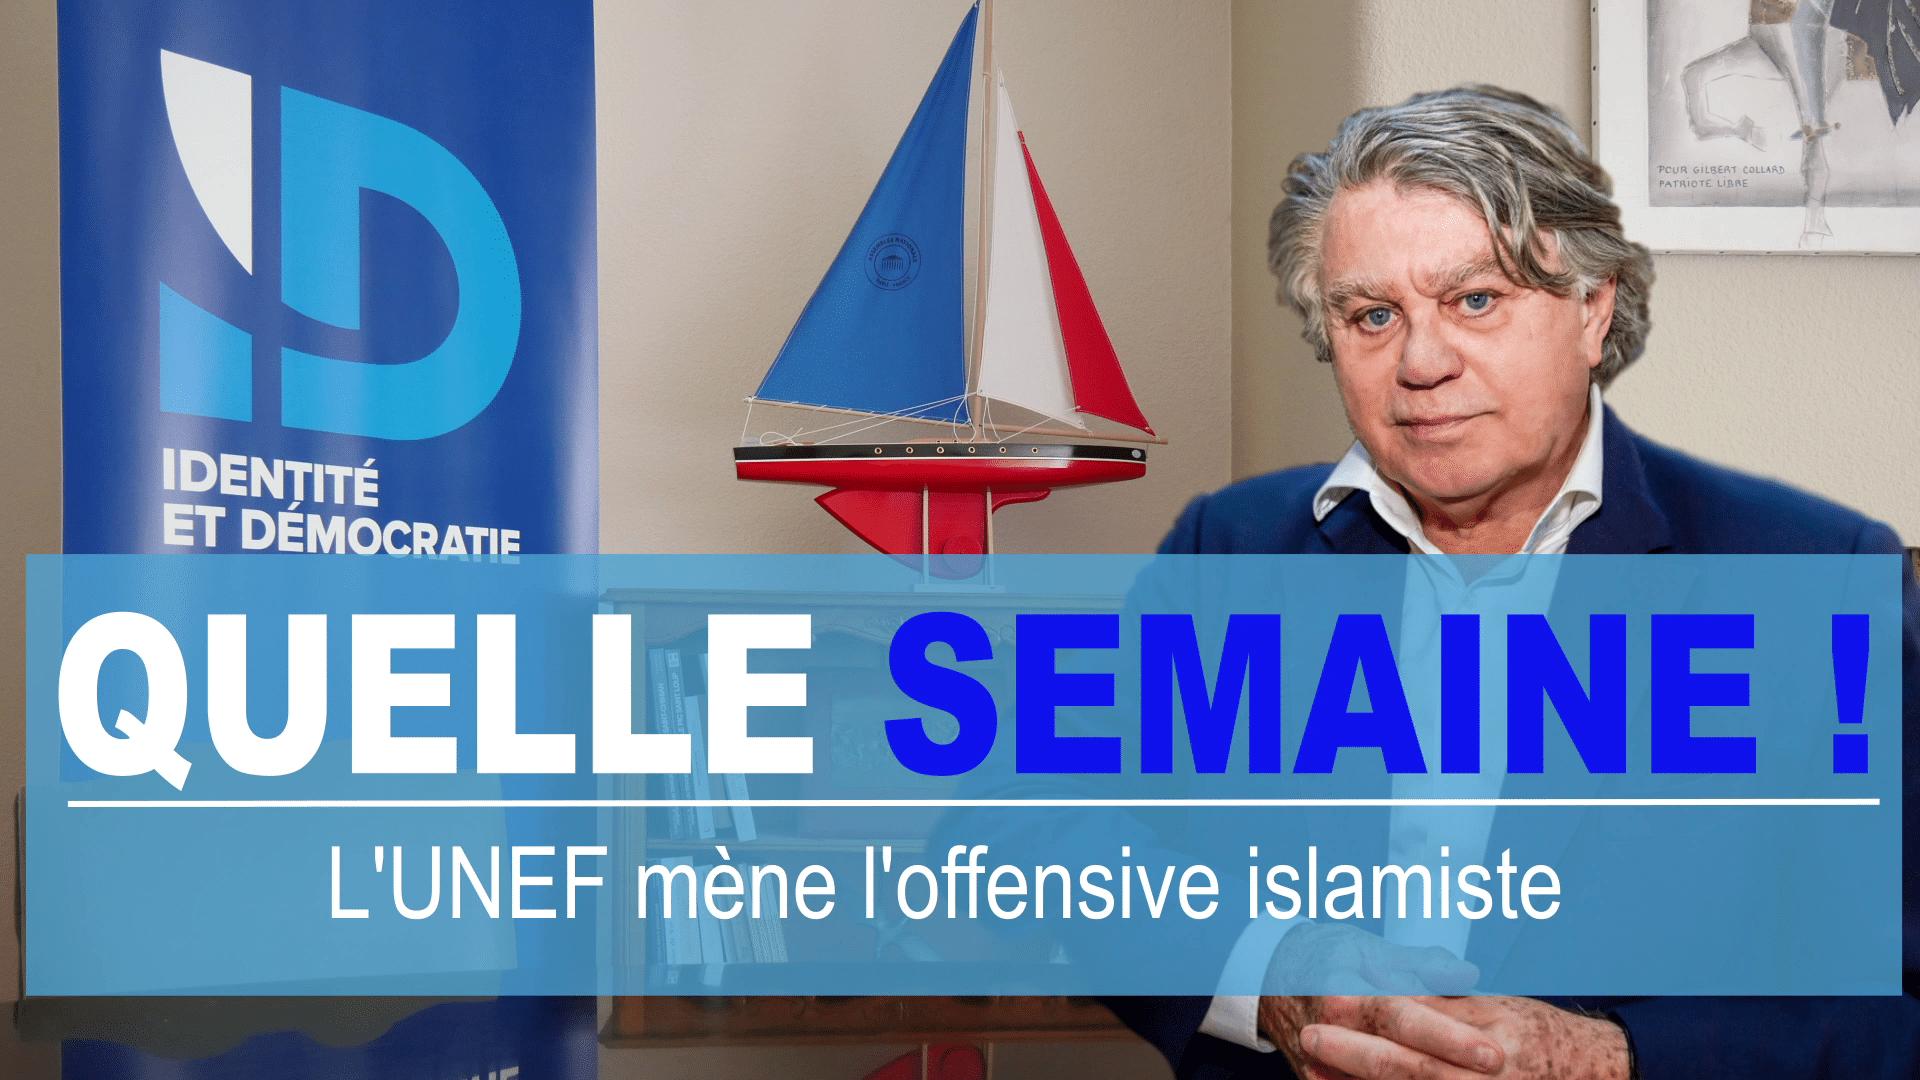 Quelle semaine ! L'UNEF mène l'offensive islamiste